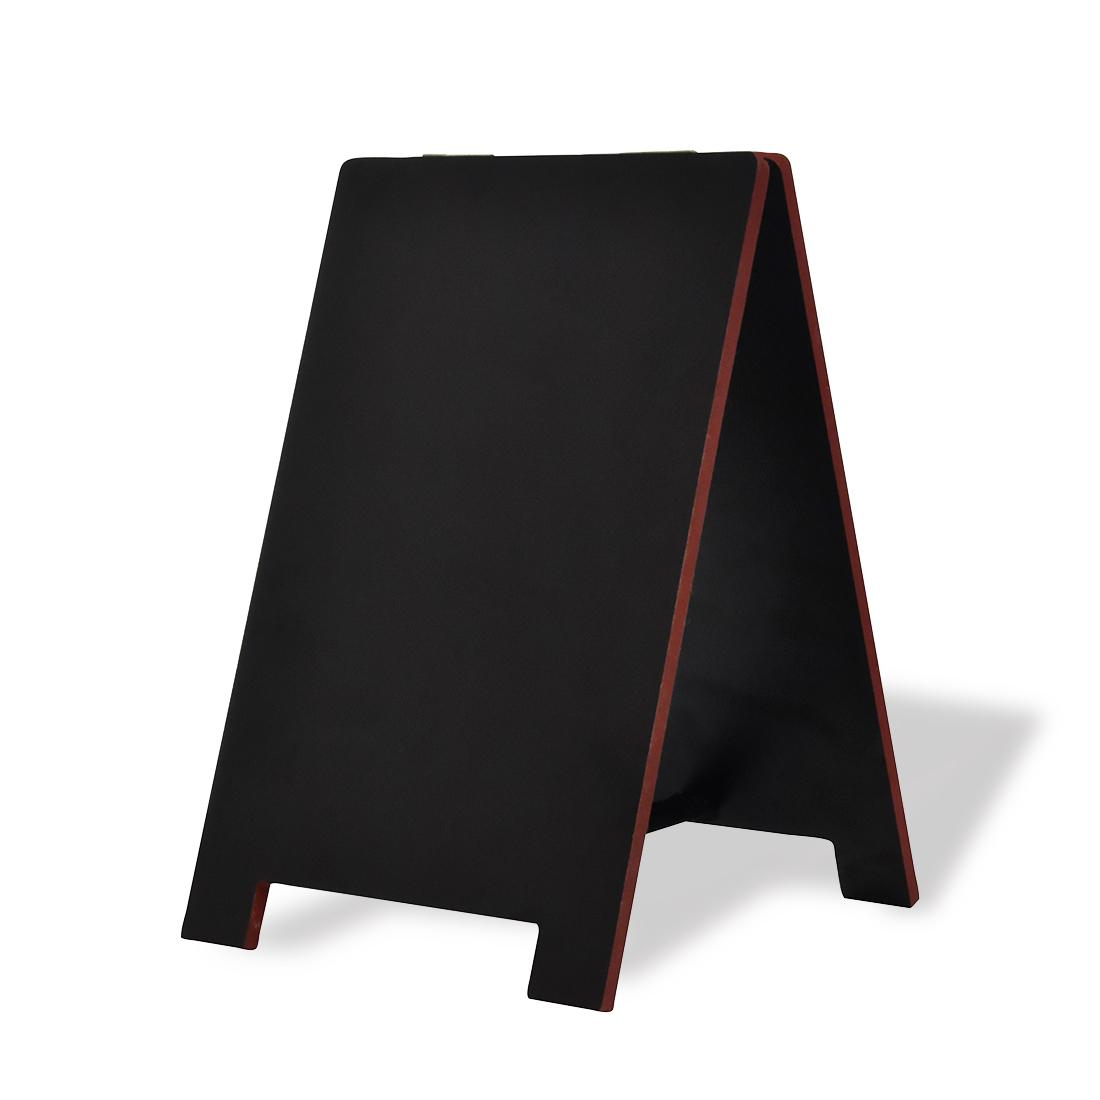 【送料無料】 A型ブラックボード 卓上型 15W 両面 マーカー チョーク ミニ mini黒板|黒板 木製 メニューボード a型看板 インテリア 店舗備品 ディスプレイ